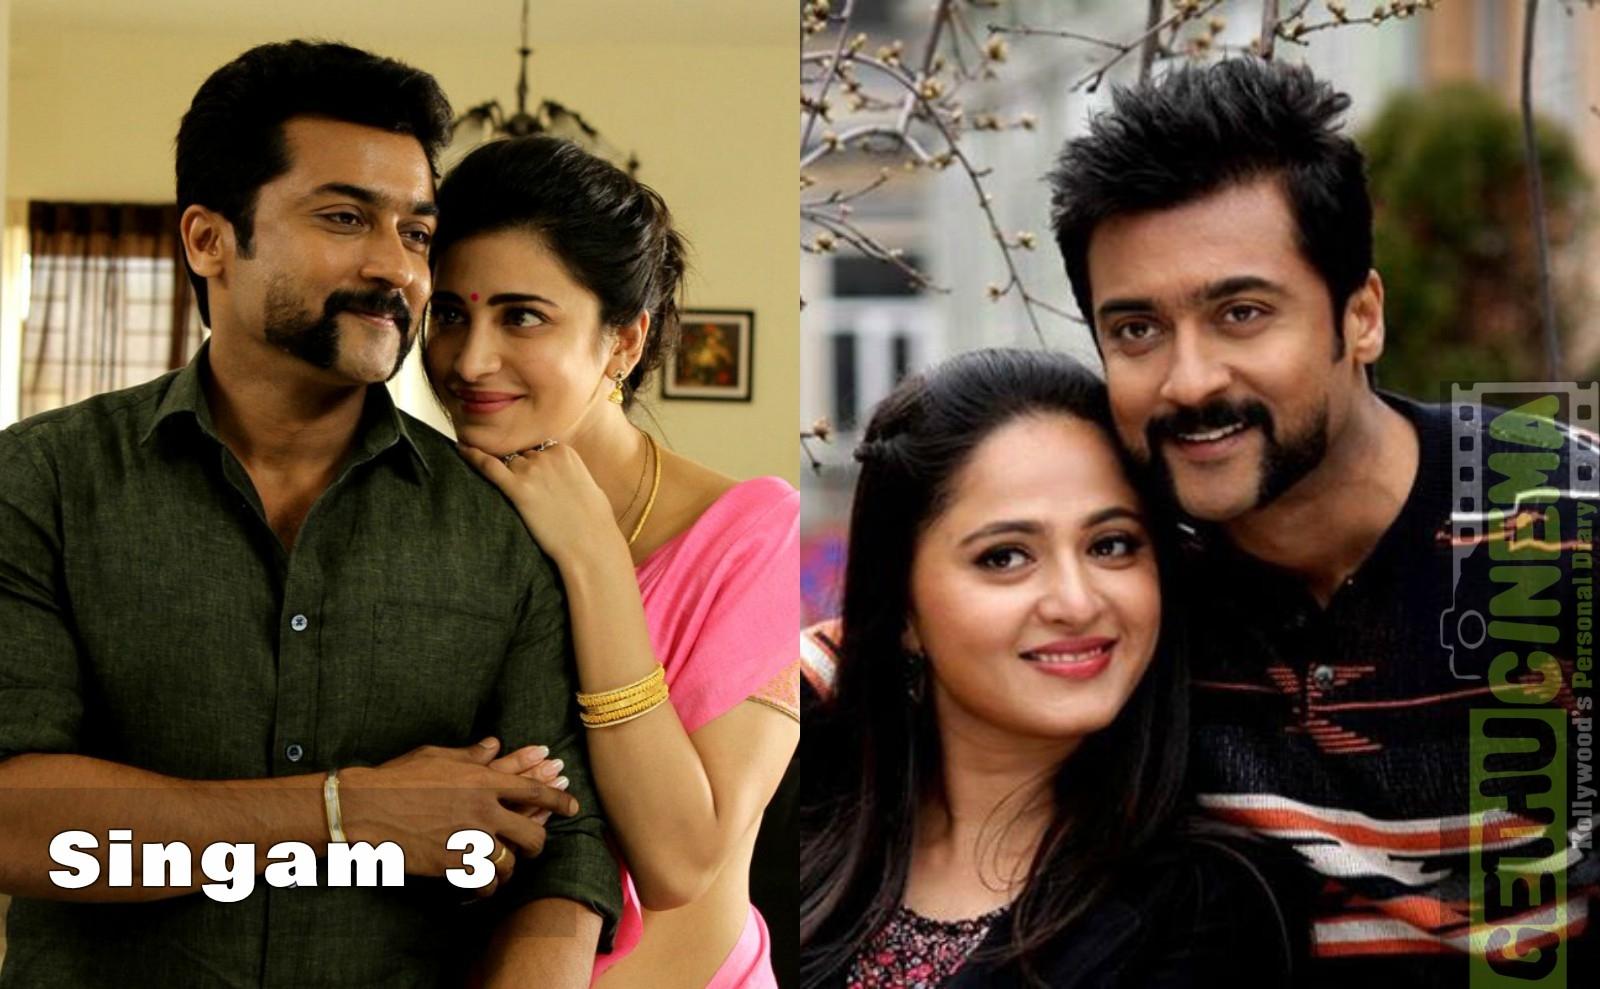 Singam 3 Movie Hd Gallery Suriya Shruti Haasan Anushka Shetty